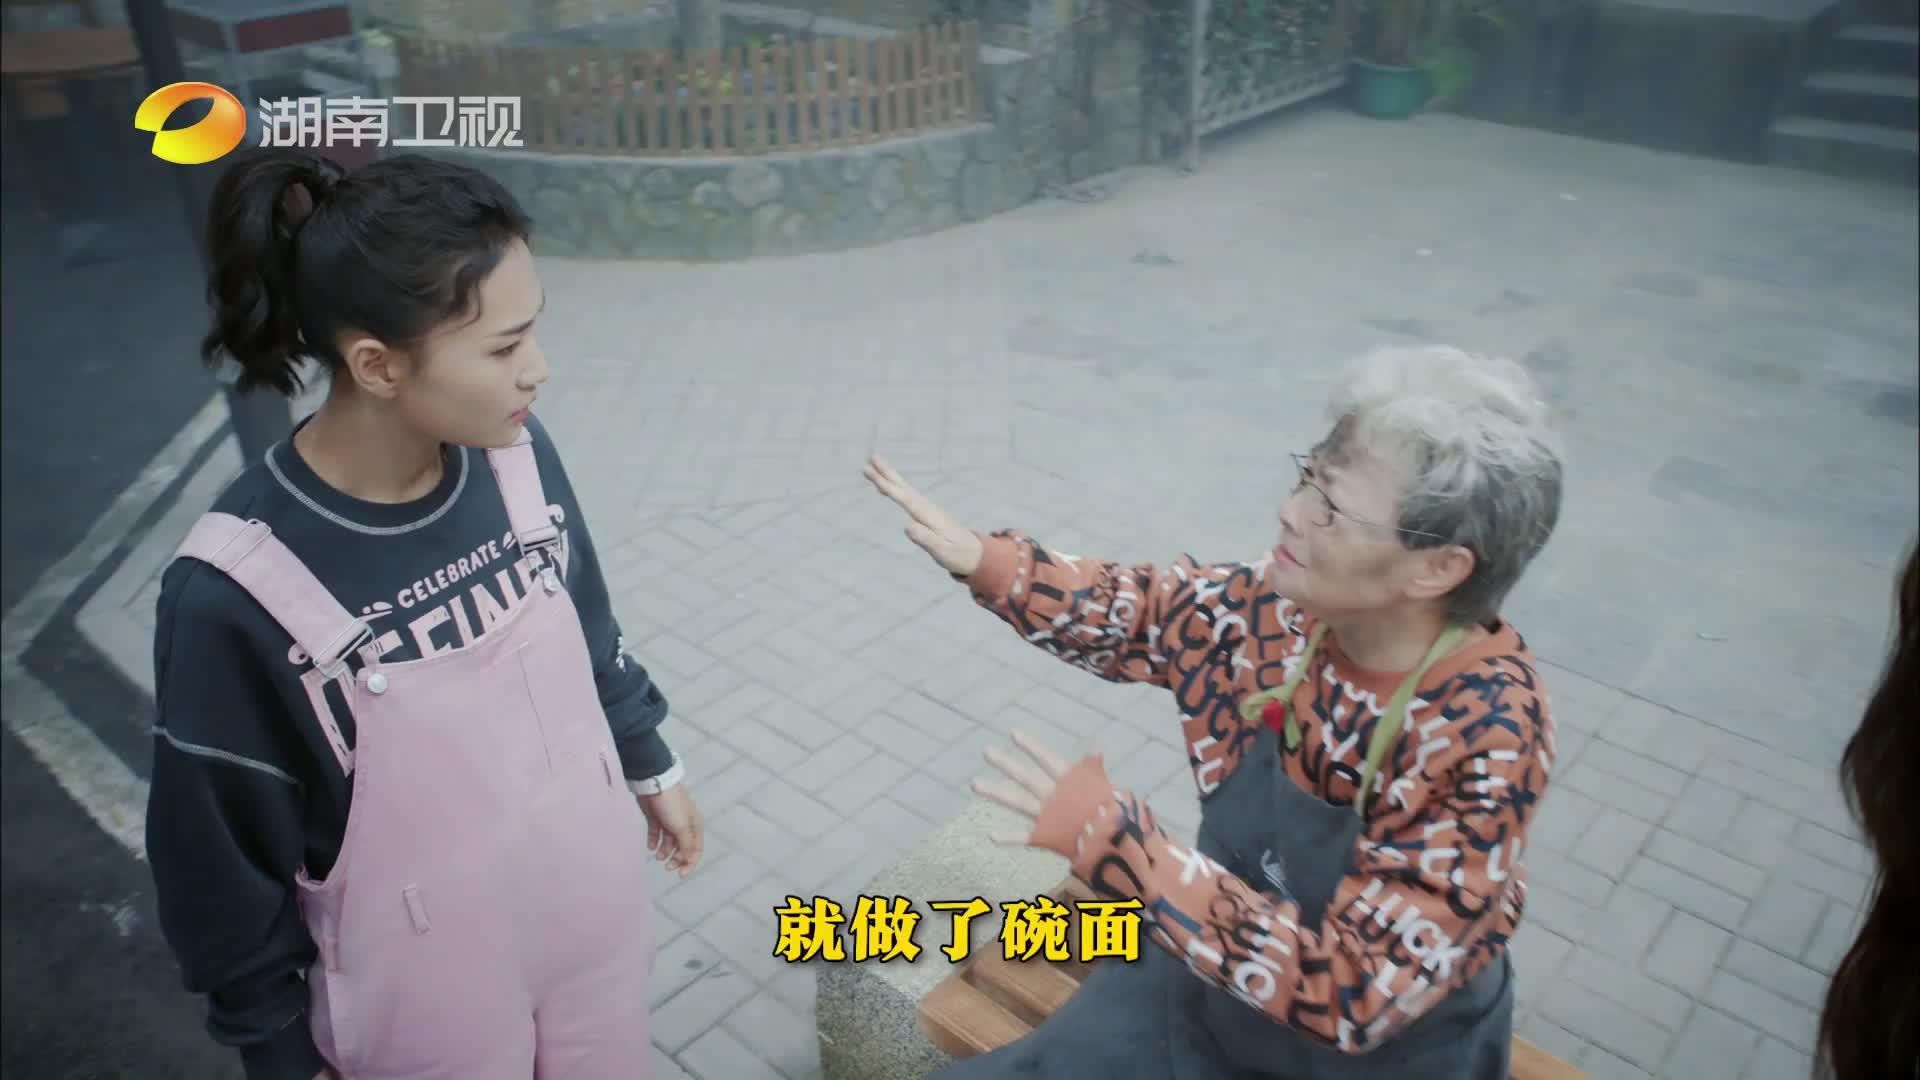 《对你的爱很美》预告:这样时髦的姥姥谁不想拥有!